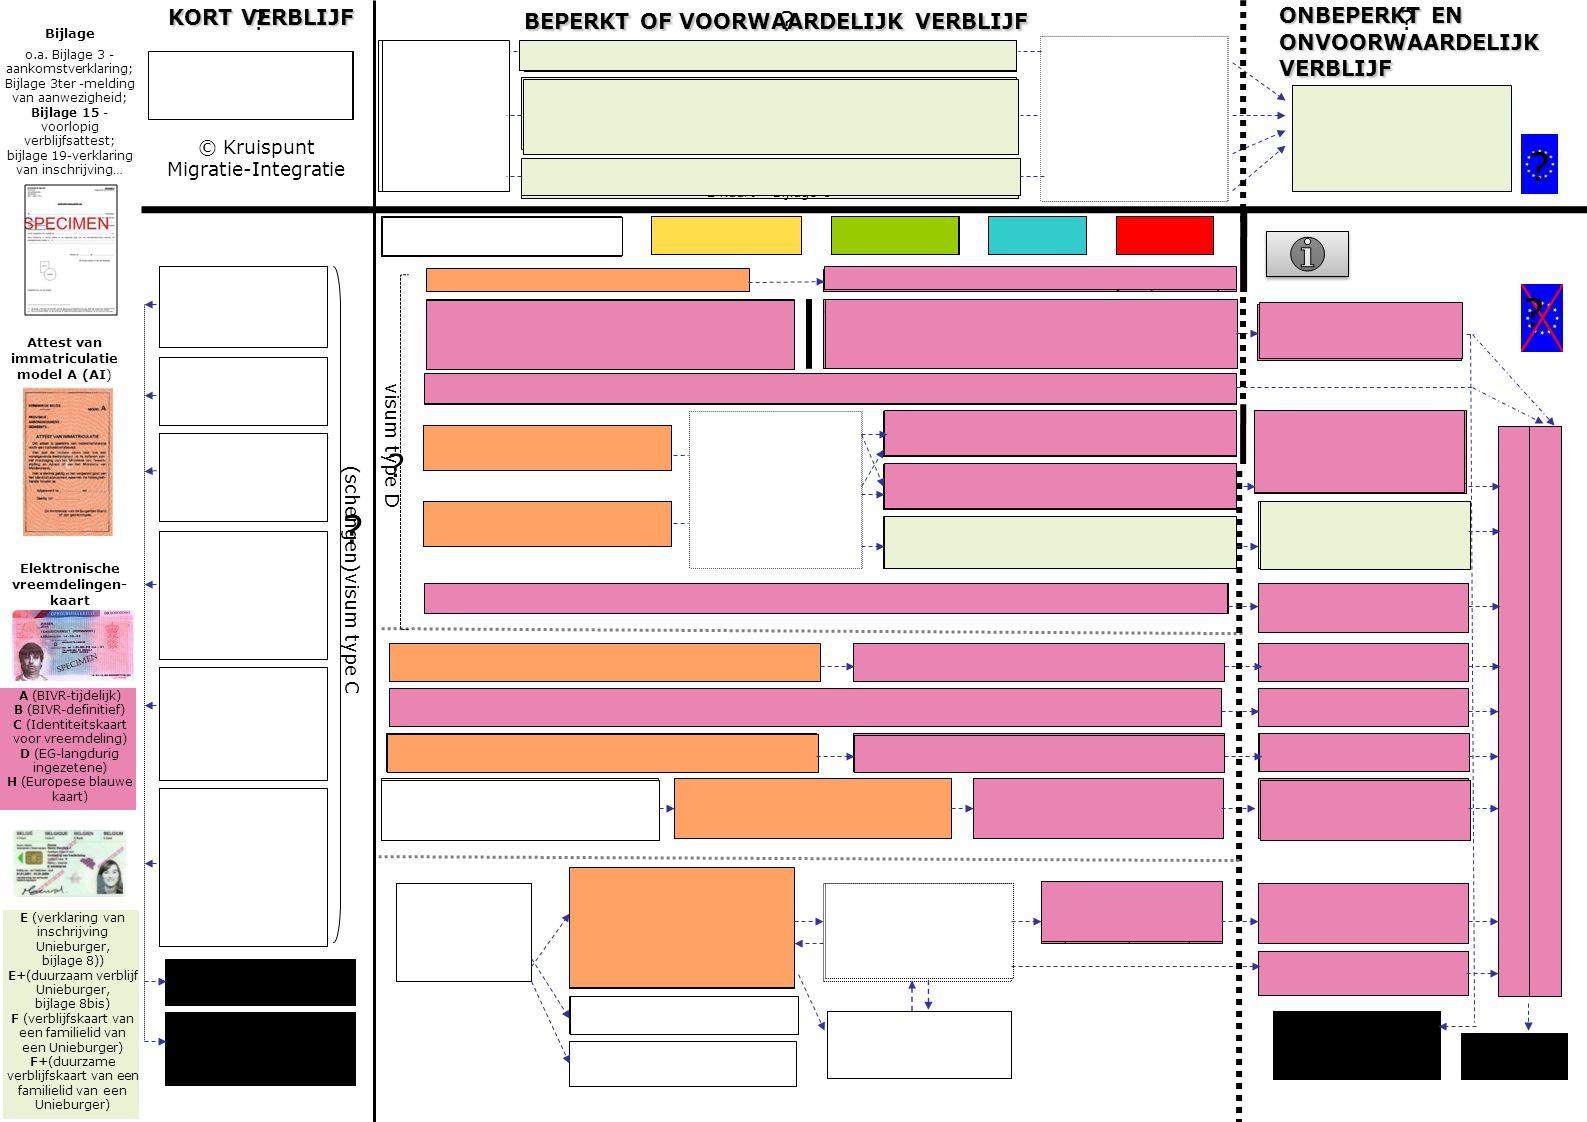 langdurig ingezetene D kaart, 5 jaar, vernieuwbaar KORT VERBLIJF bijz. ID model IV bijz. ID model III diplomatieke ID model I consulaire ID model II G